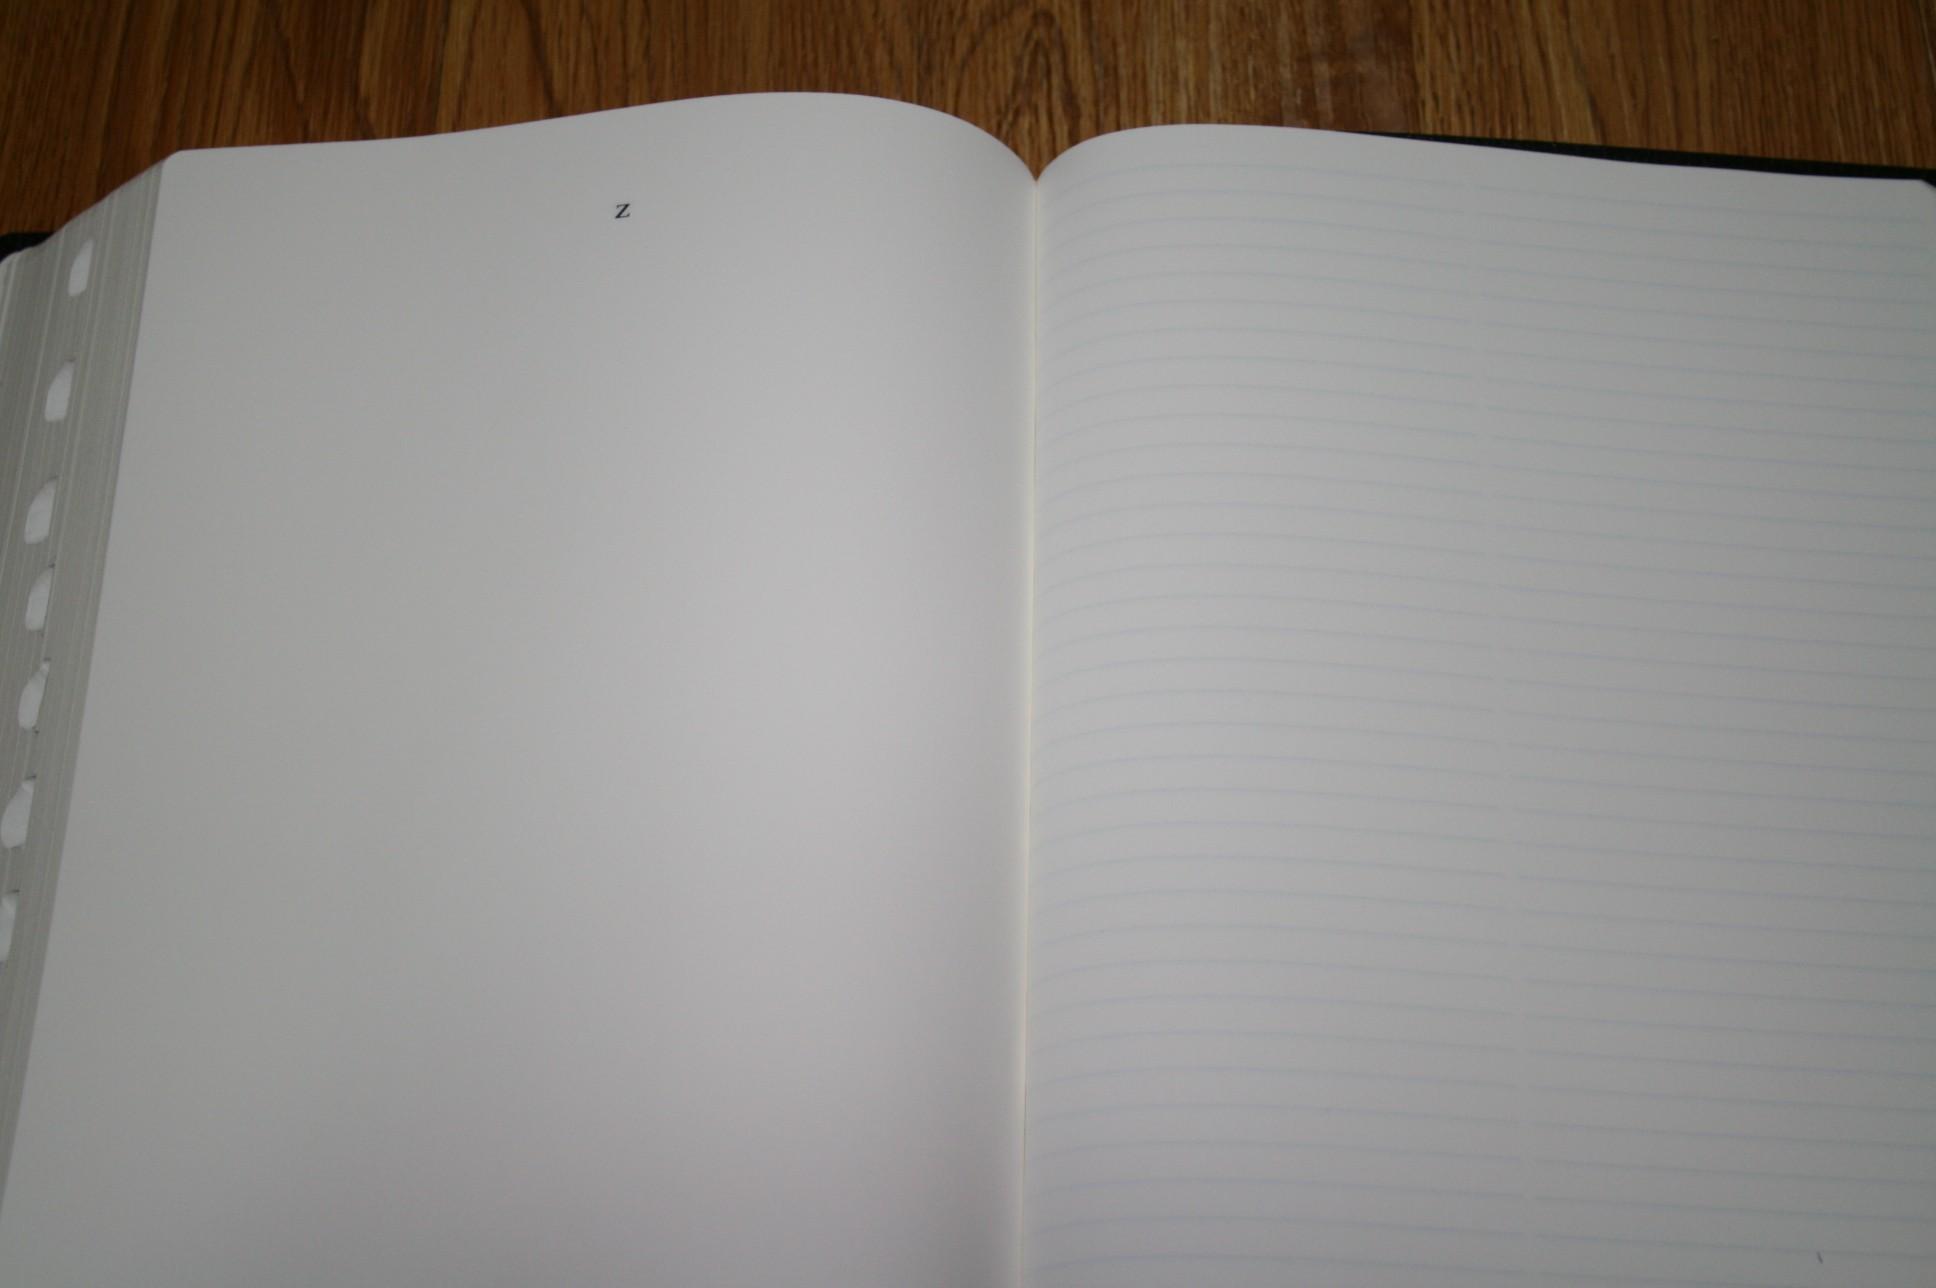 Cover Letter Bcfbedfdebaf Sample Sample Registered Concordance